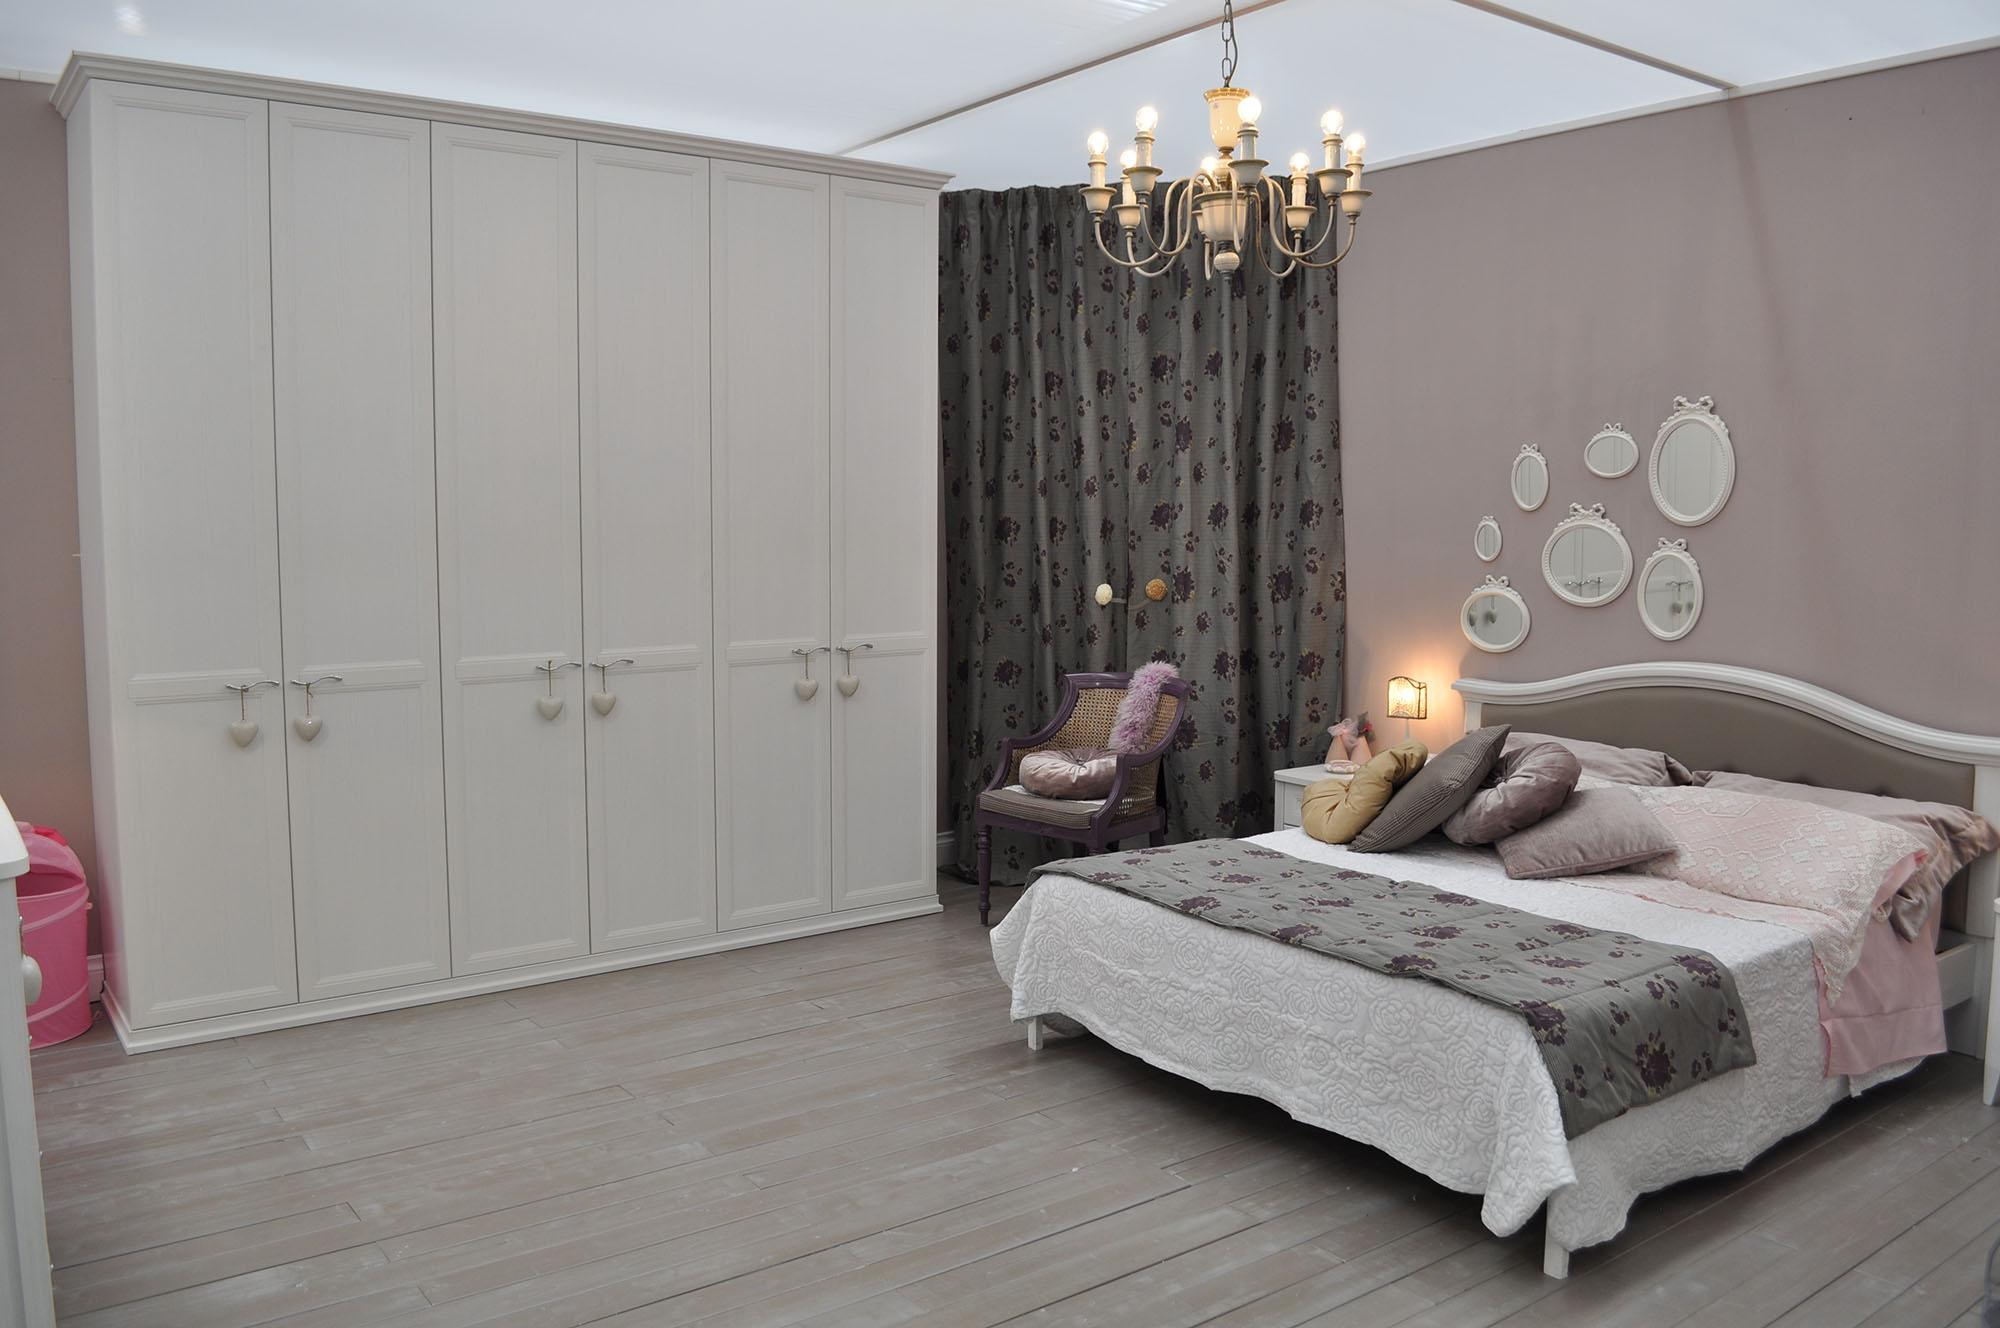 Camera da letto su misura roma falegnameria (1)